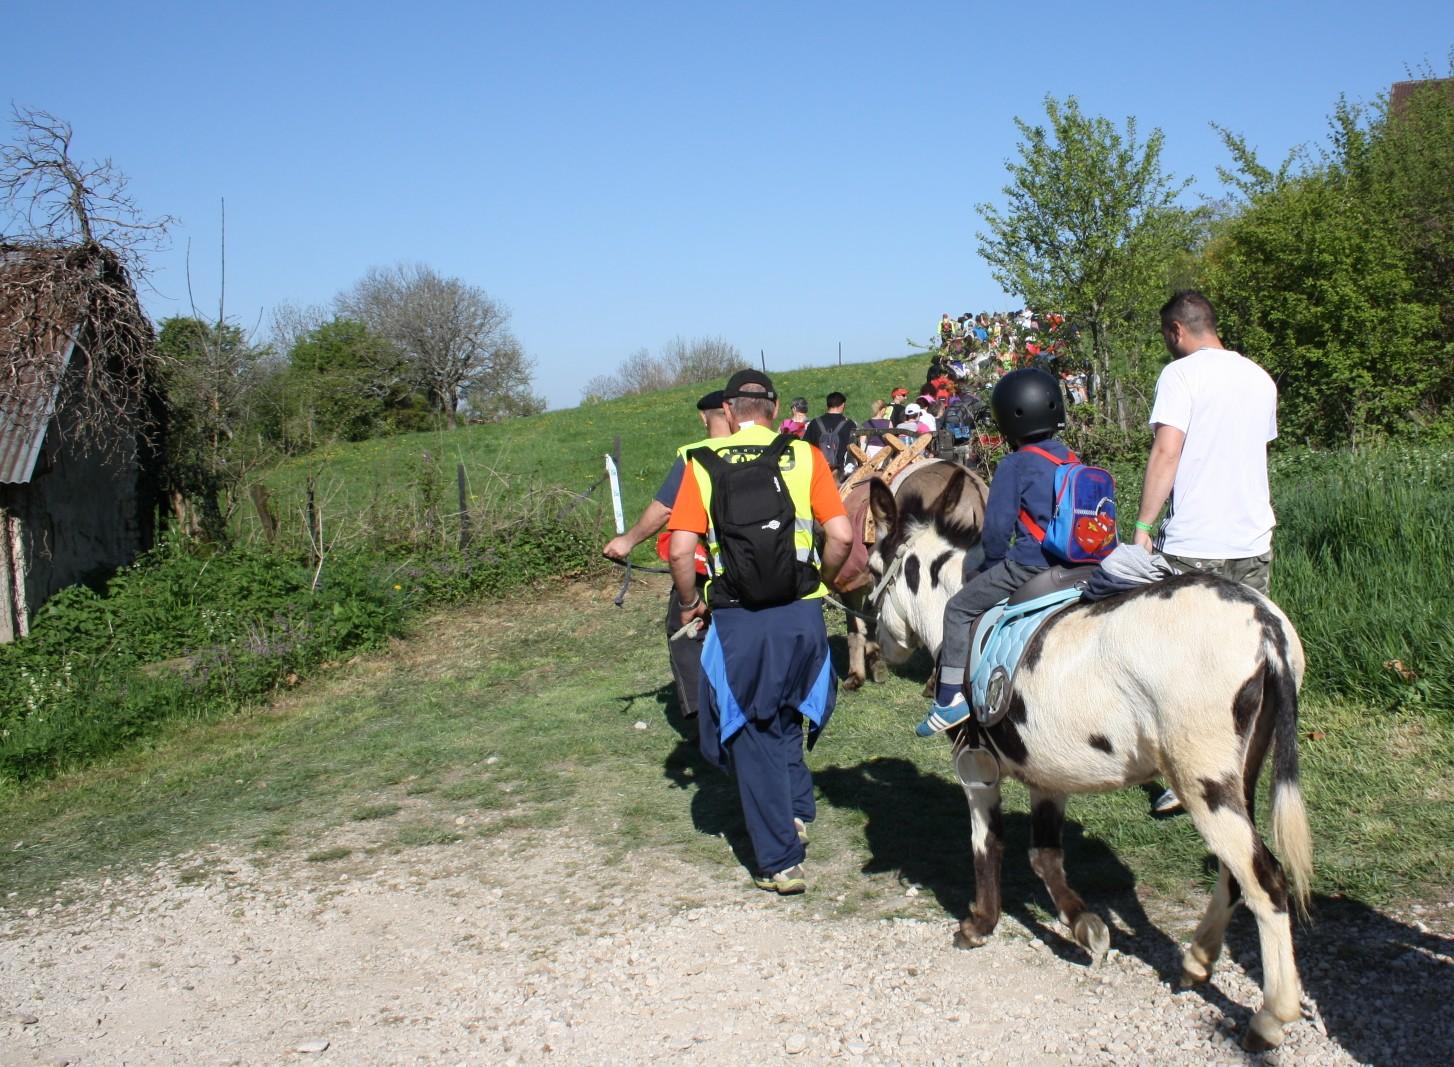 2017-04-09 - Trail-Montfaucon-Juliette (112)